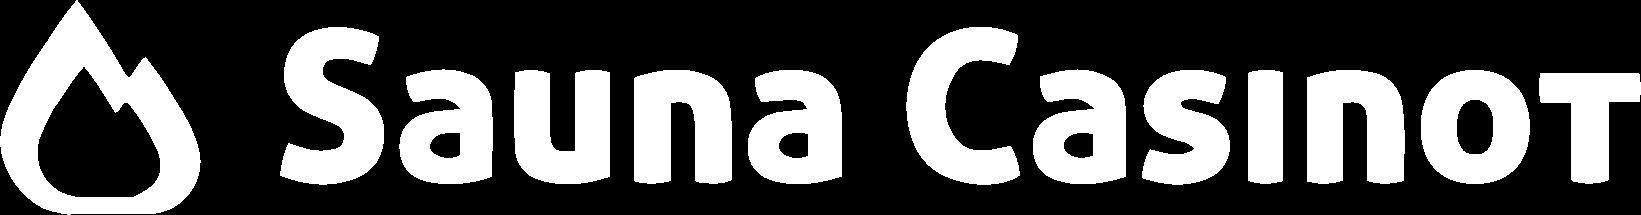 SaunaCasinot logo